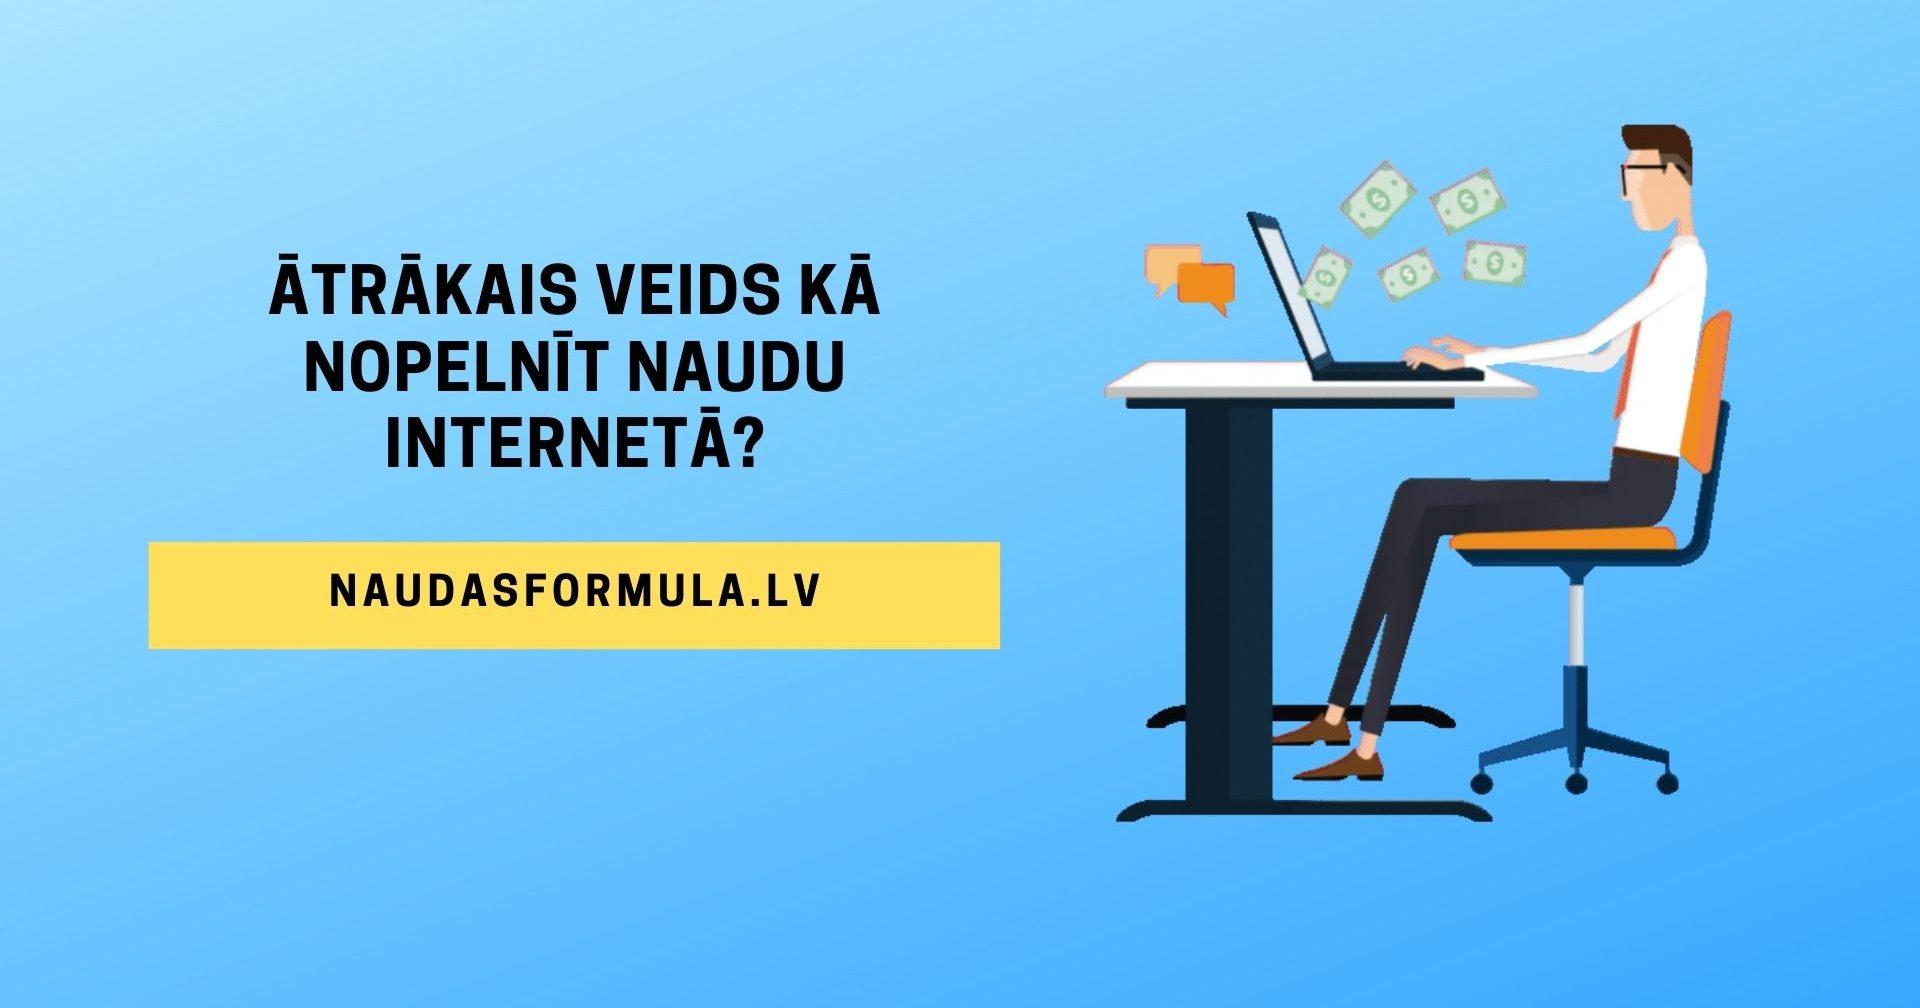 kā strādāt internetā un nopelnīt naudu)